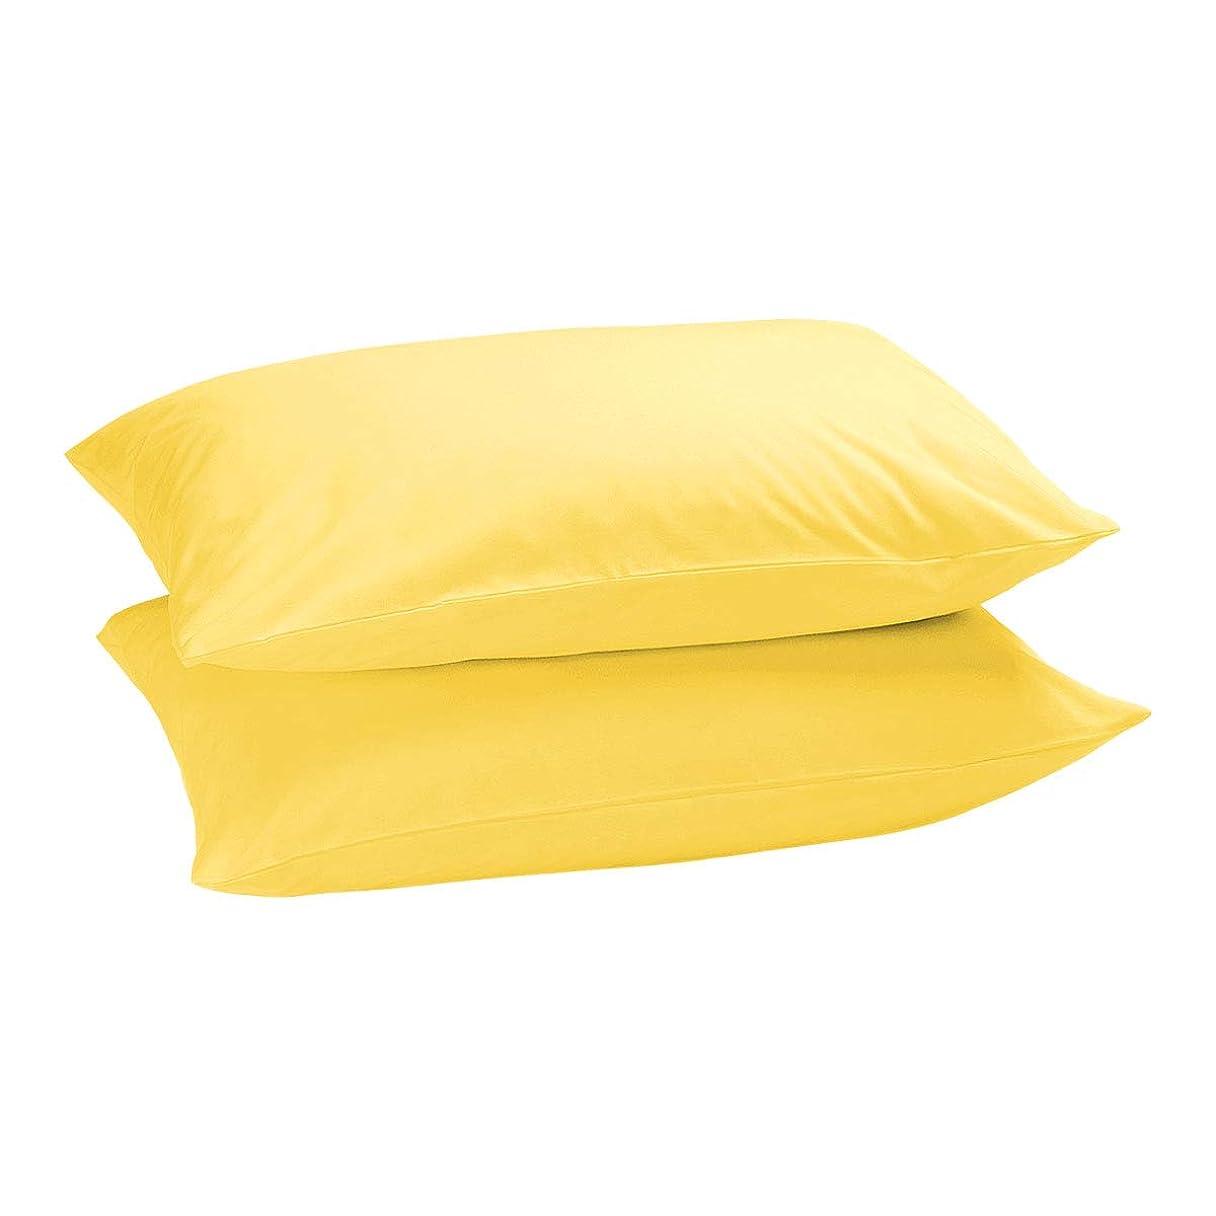 ミネラル少なくとも剣Comfy Basics 起毛マイクロファイバー寝具枕カバー 2枚パック キング イエロー